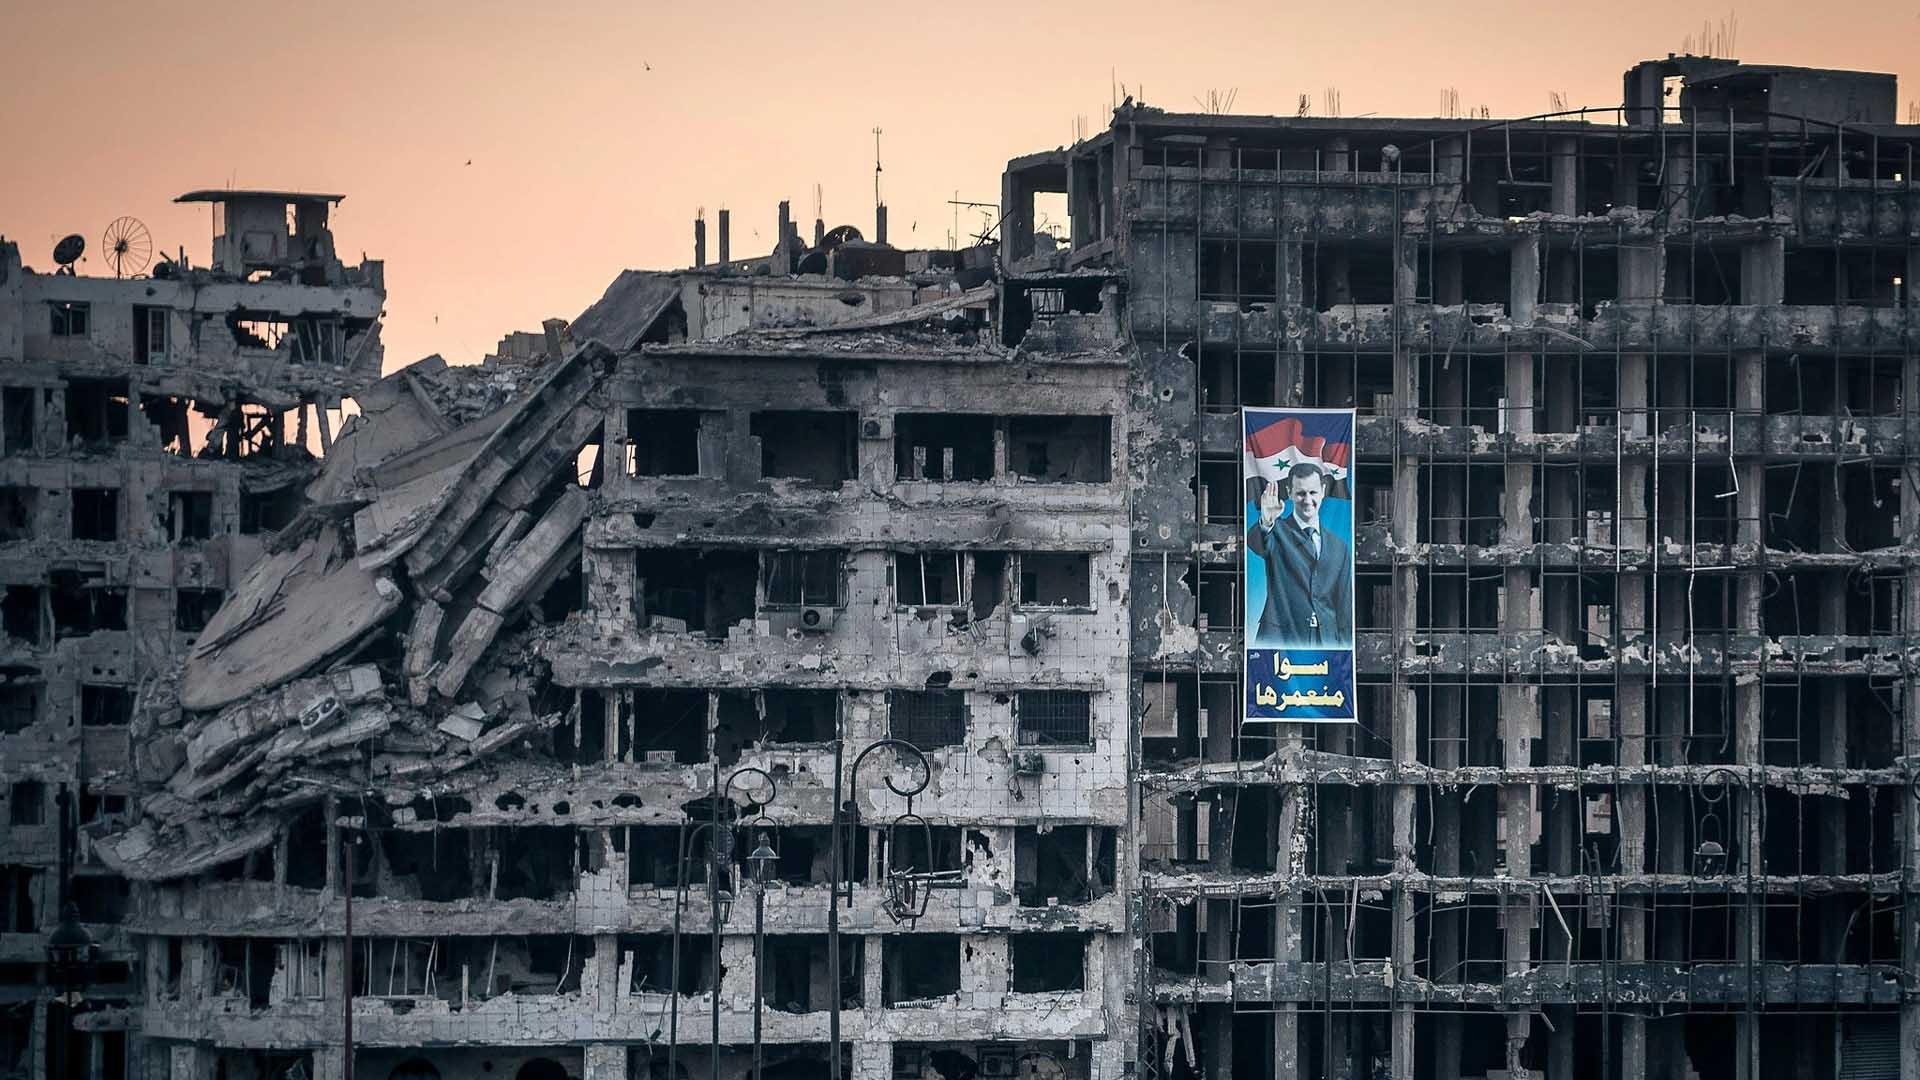 الانتخابات المبكرة في سورية: تقنية مبتكرة لتعويم المجرمين